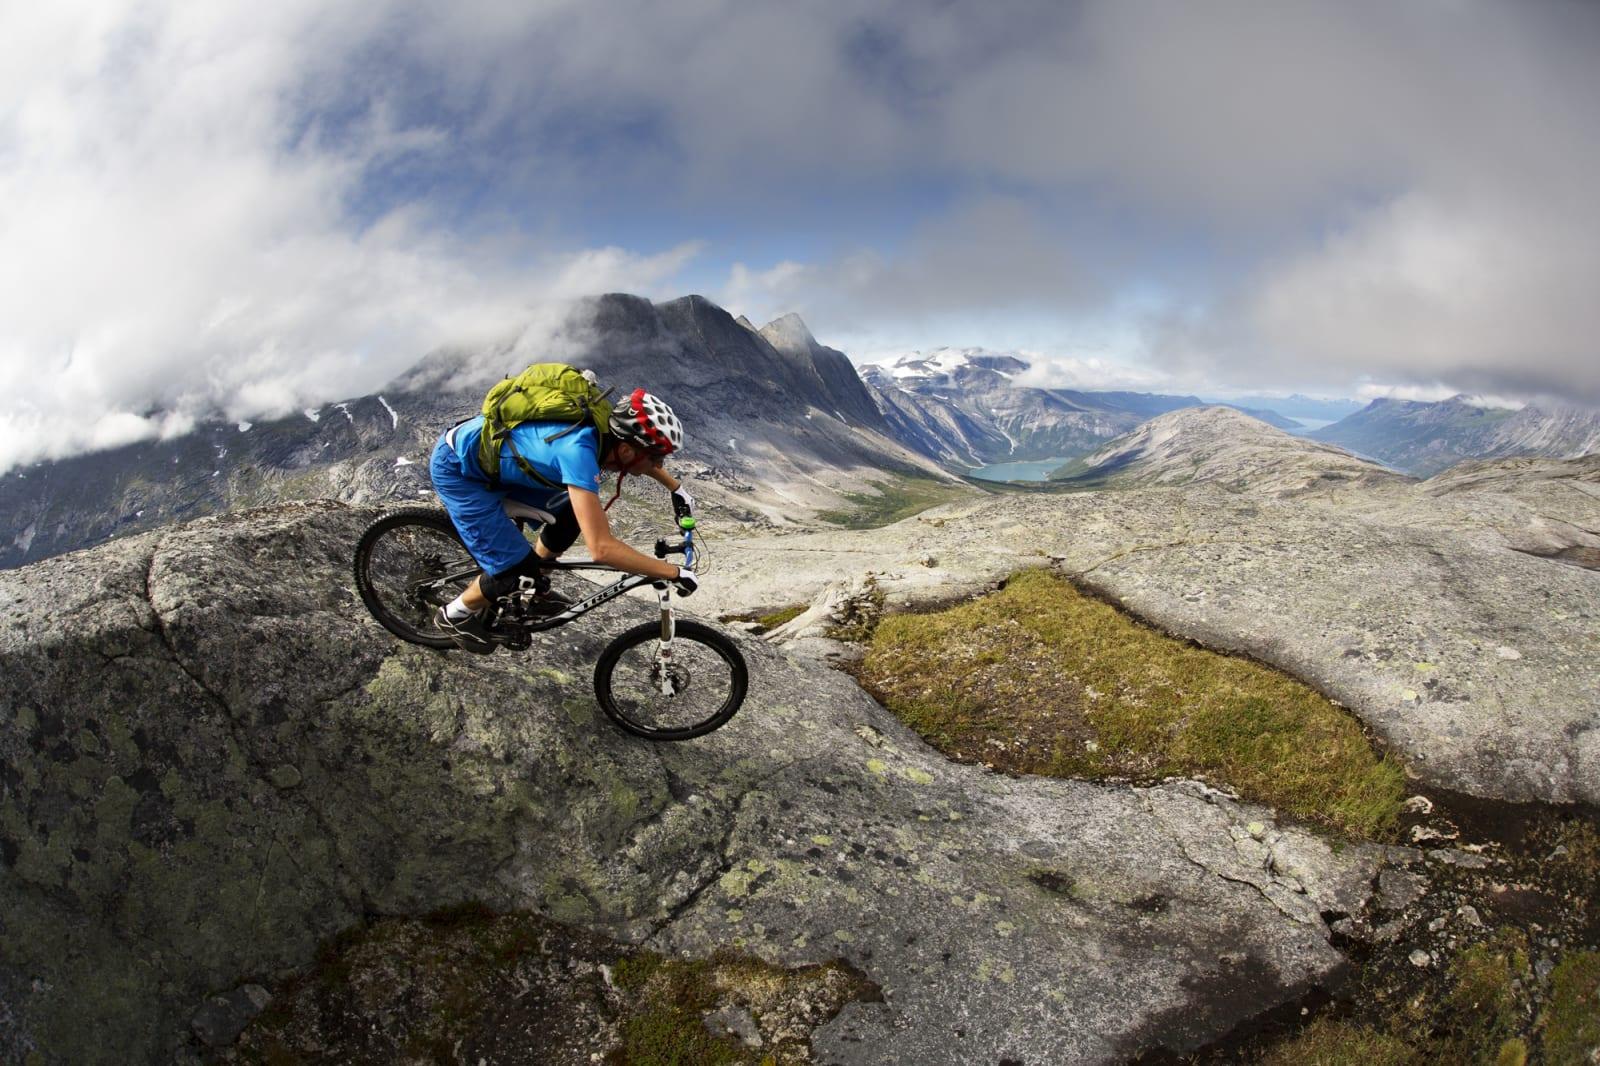 LANGT DER NEDE: Remi Einås slipper seg ned første del av en lang utforkjøring på sva mot Skjomfjorden